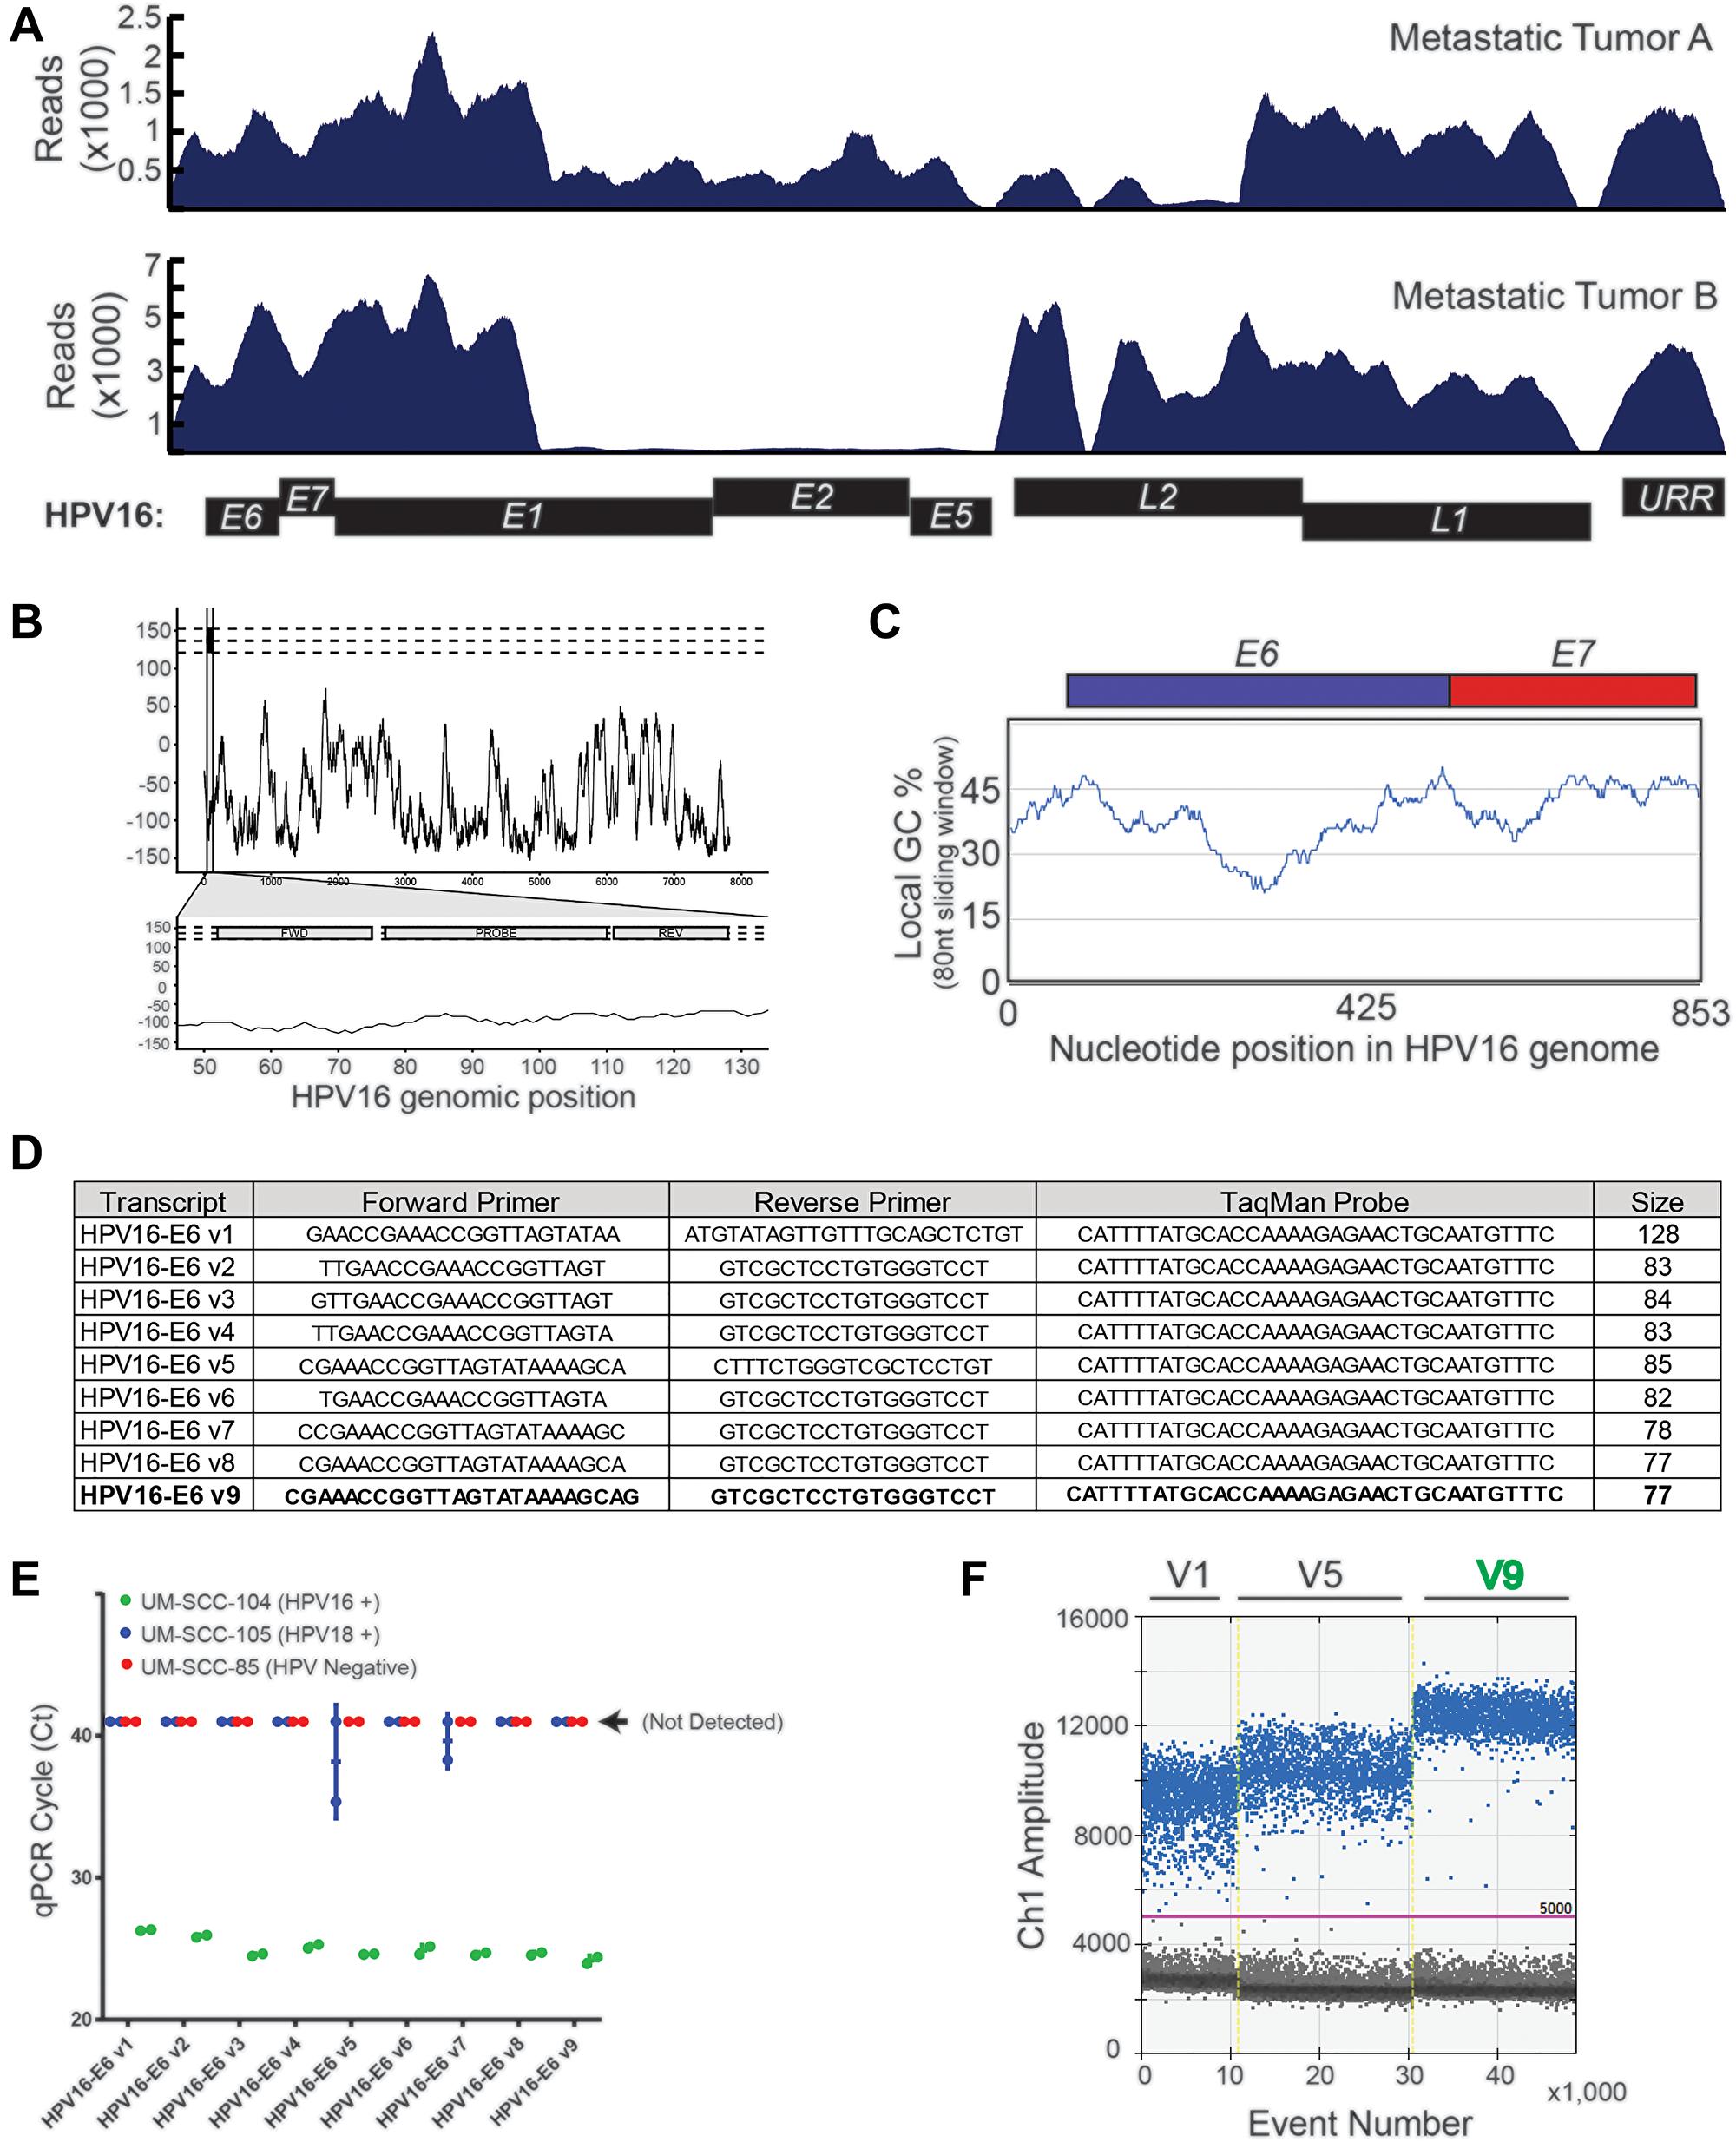 HPV16 plasma ctDNA assay development.